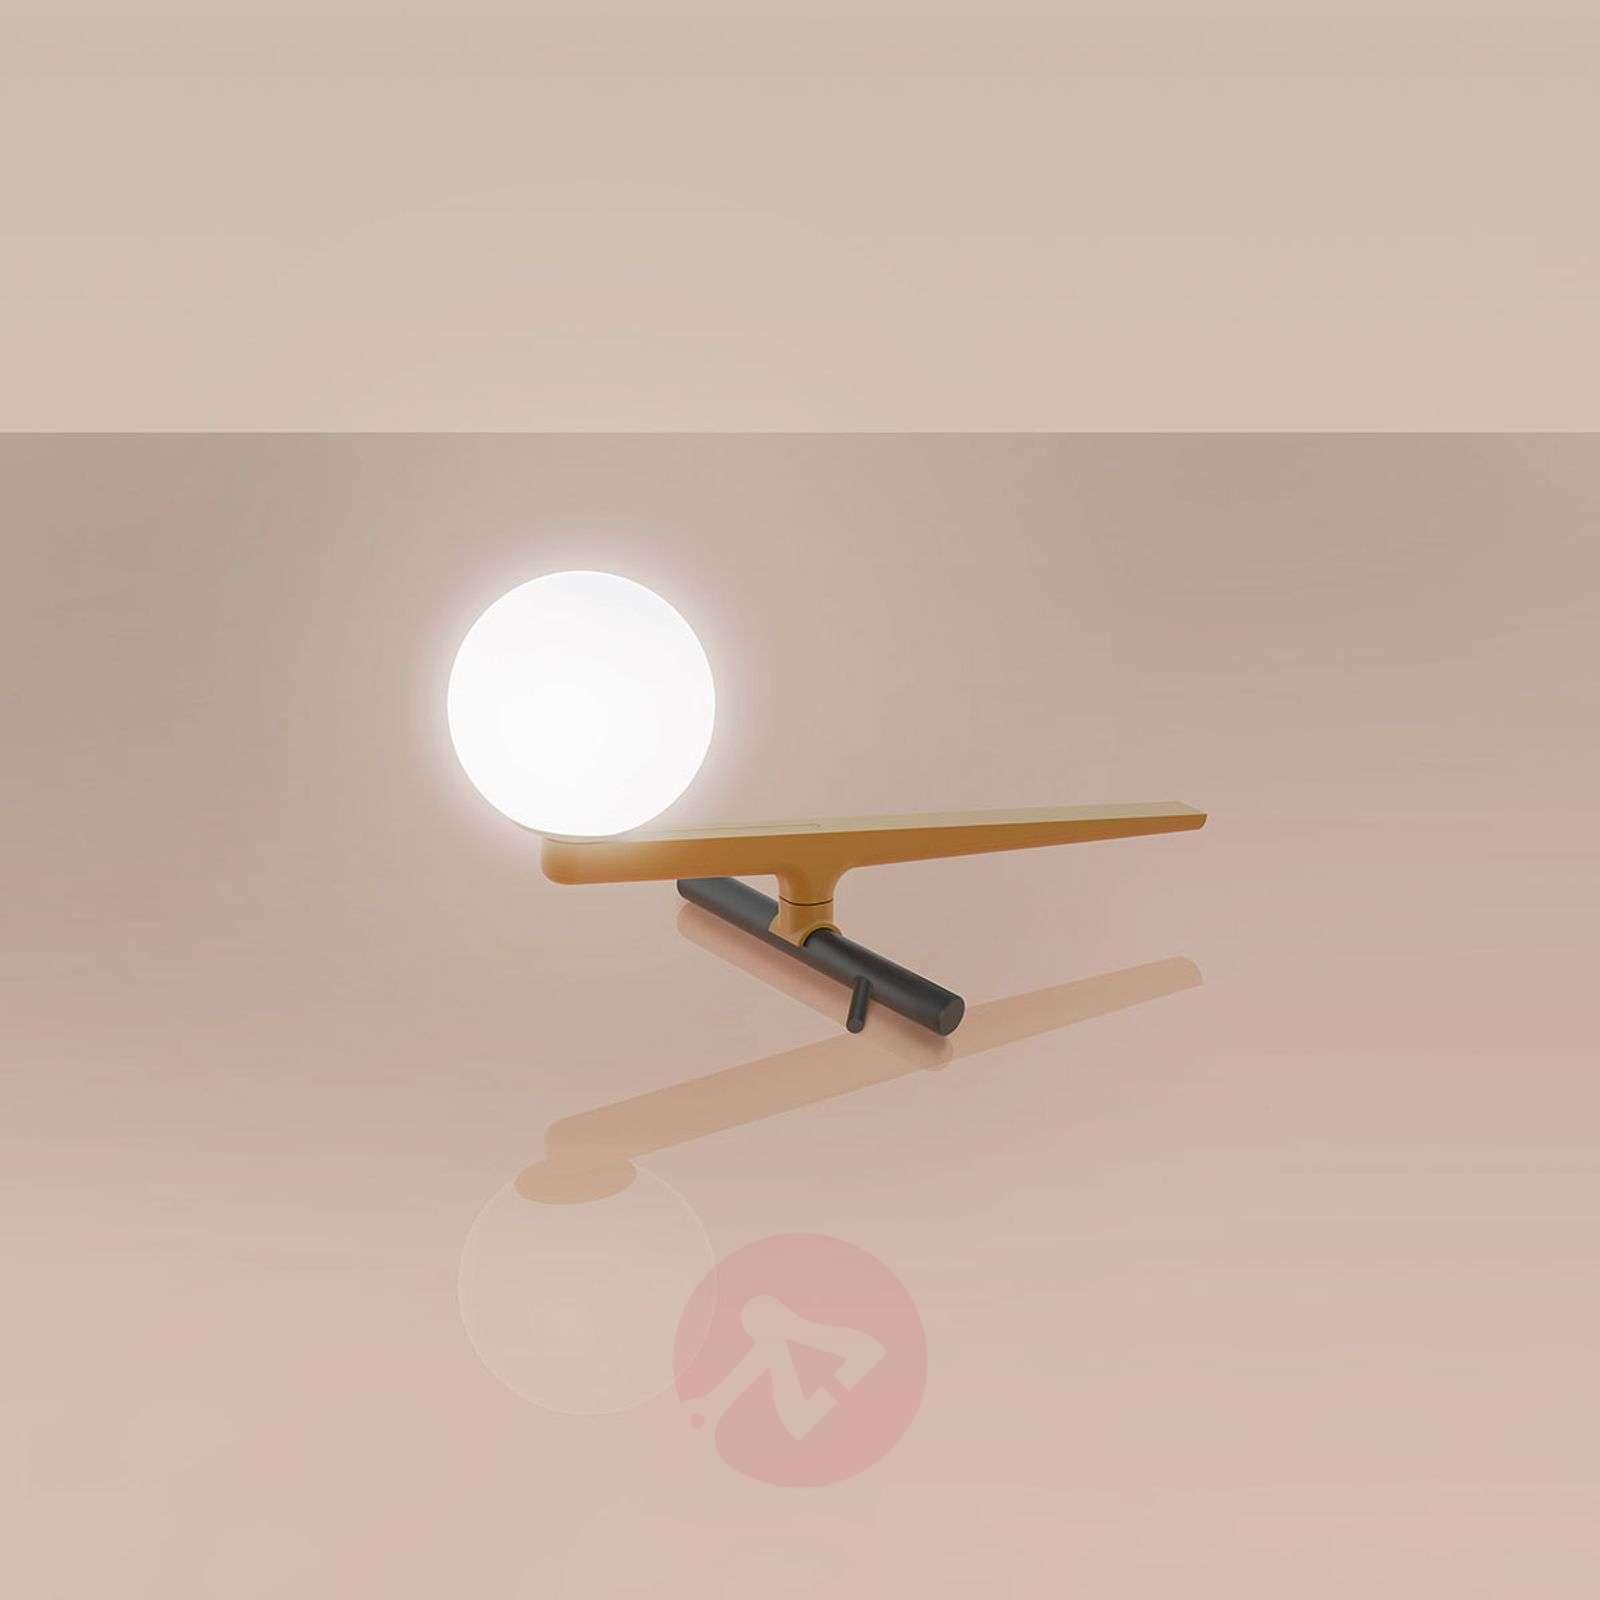 Artemide Yanzi LED-pöytävalaisin, himmennin-1060163-01